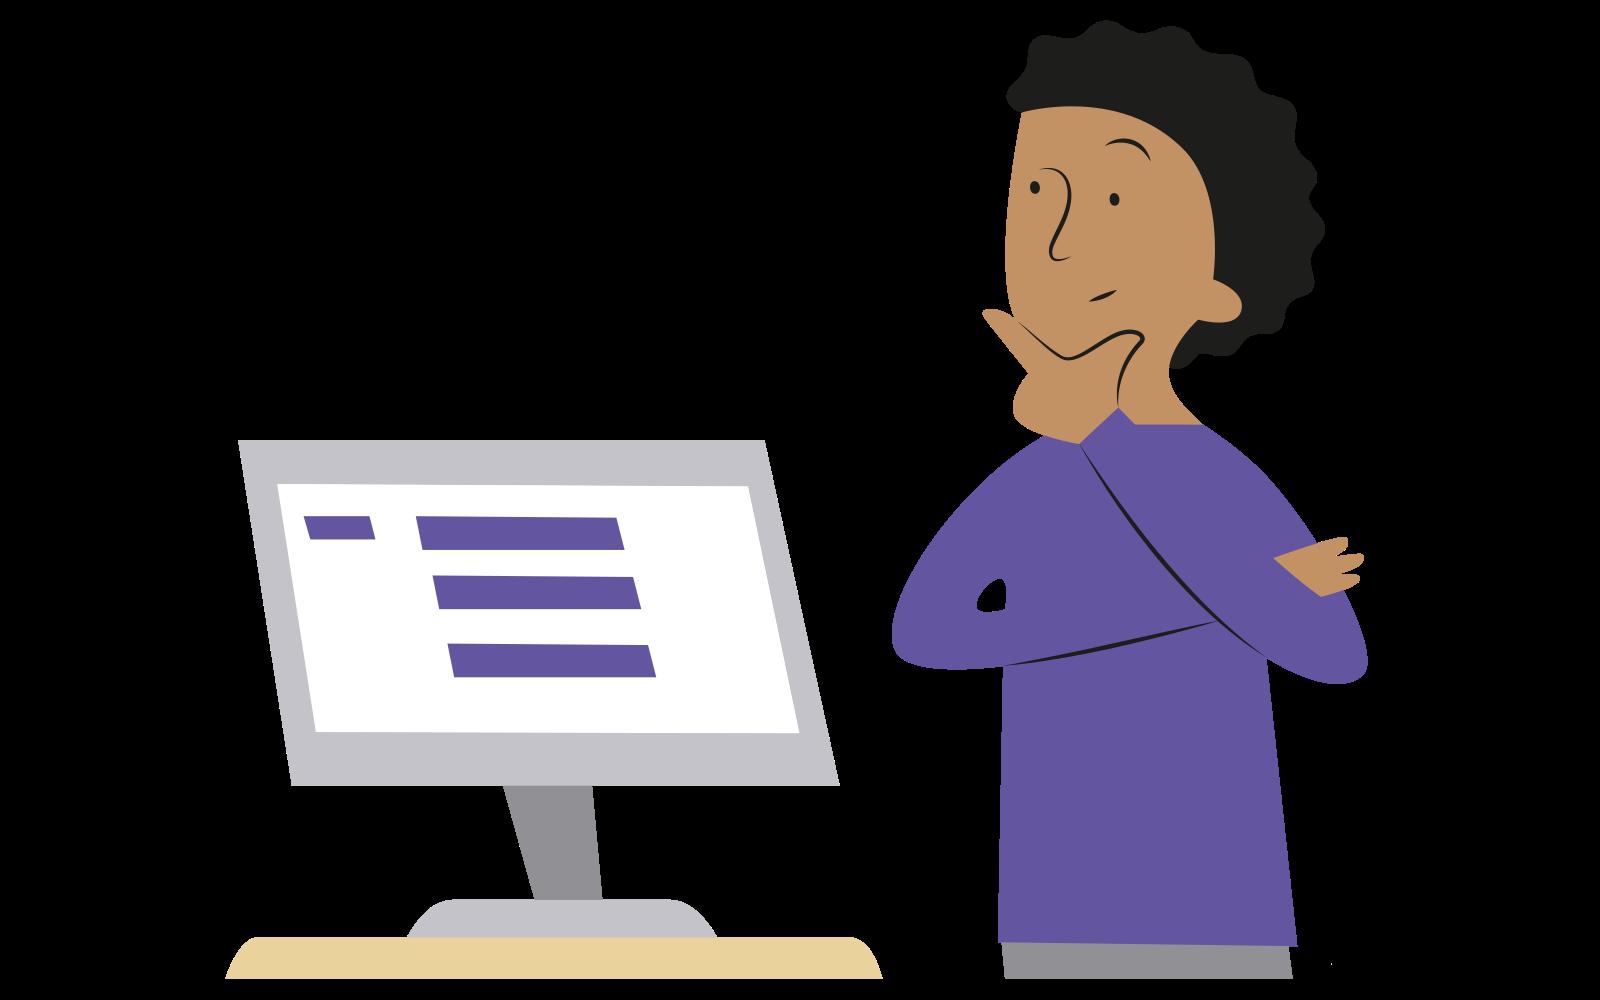 En person i lila tröja står med fundersam min framför en dator (illustration)